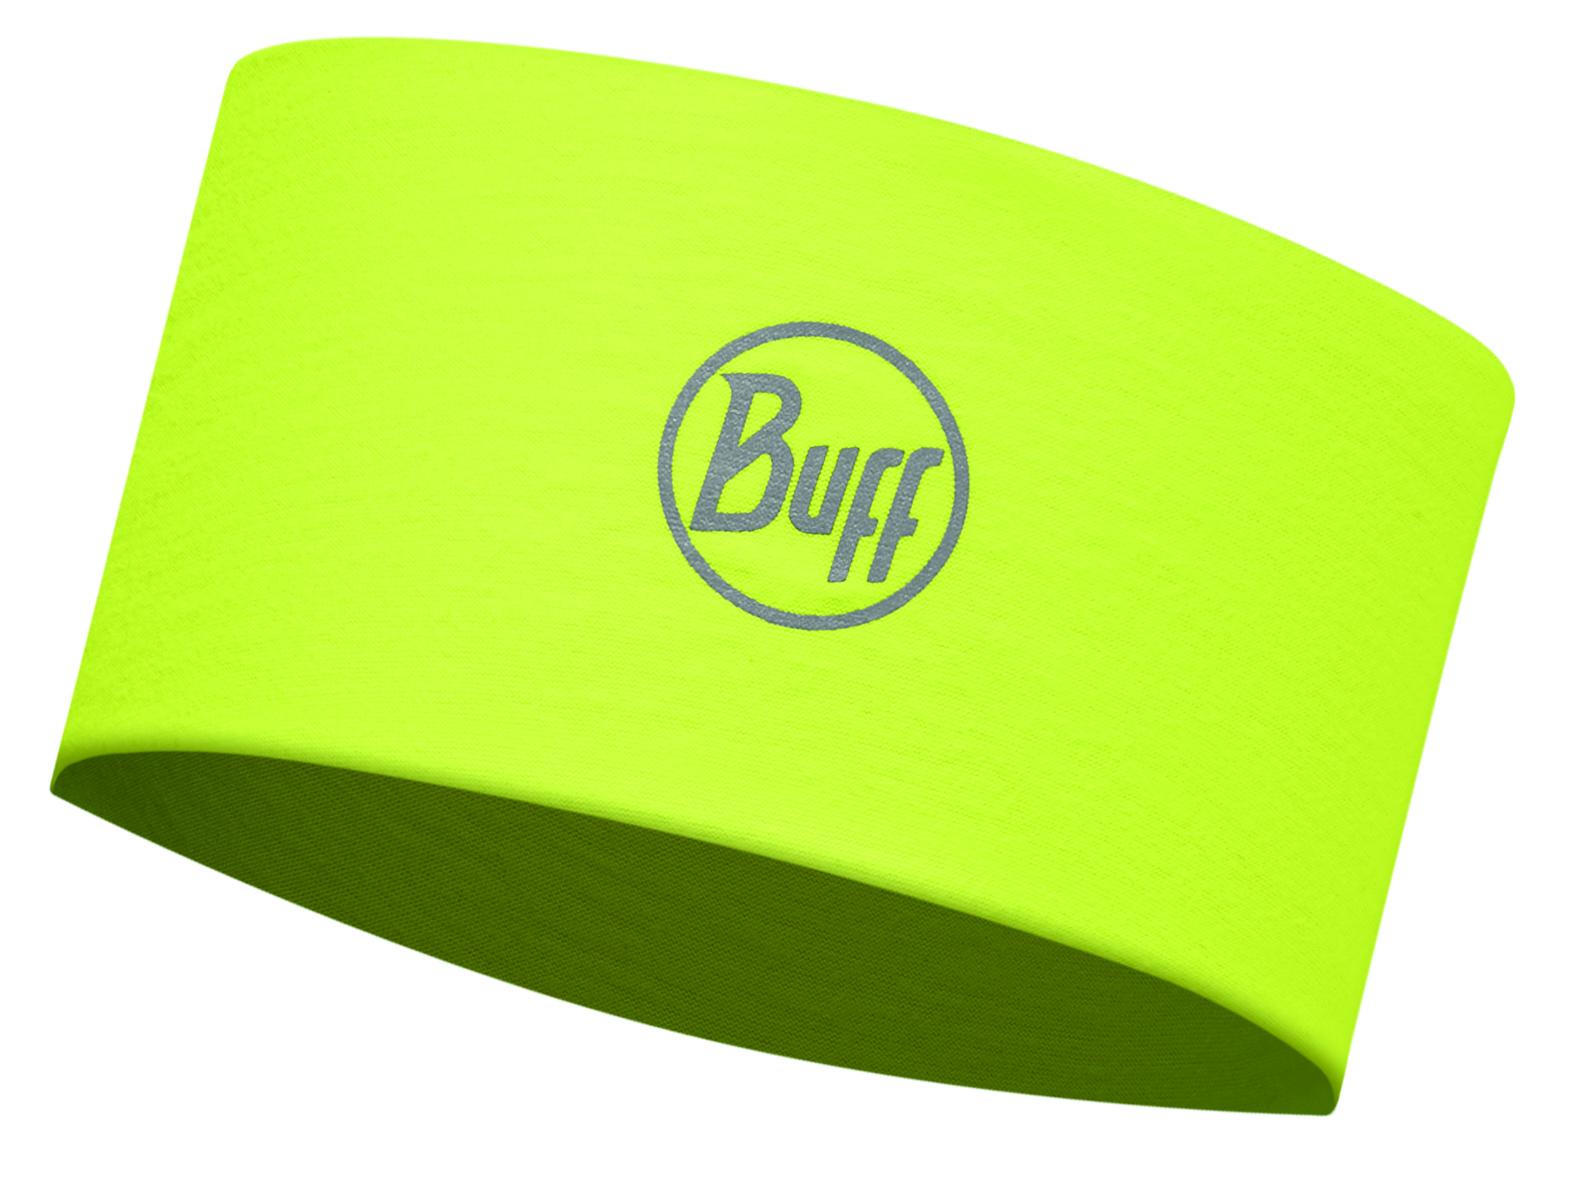 Повязка BUFF Headband R-SOLID YELLOW FLUOR Банданы и шарфы Buff ® 1312838  - купить со скидкой